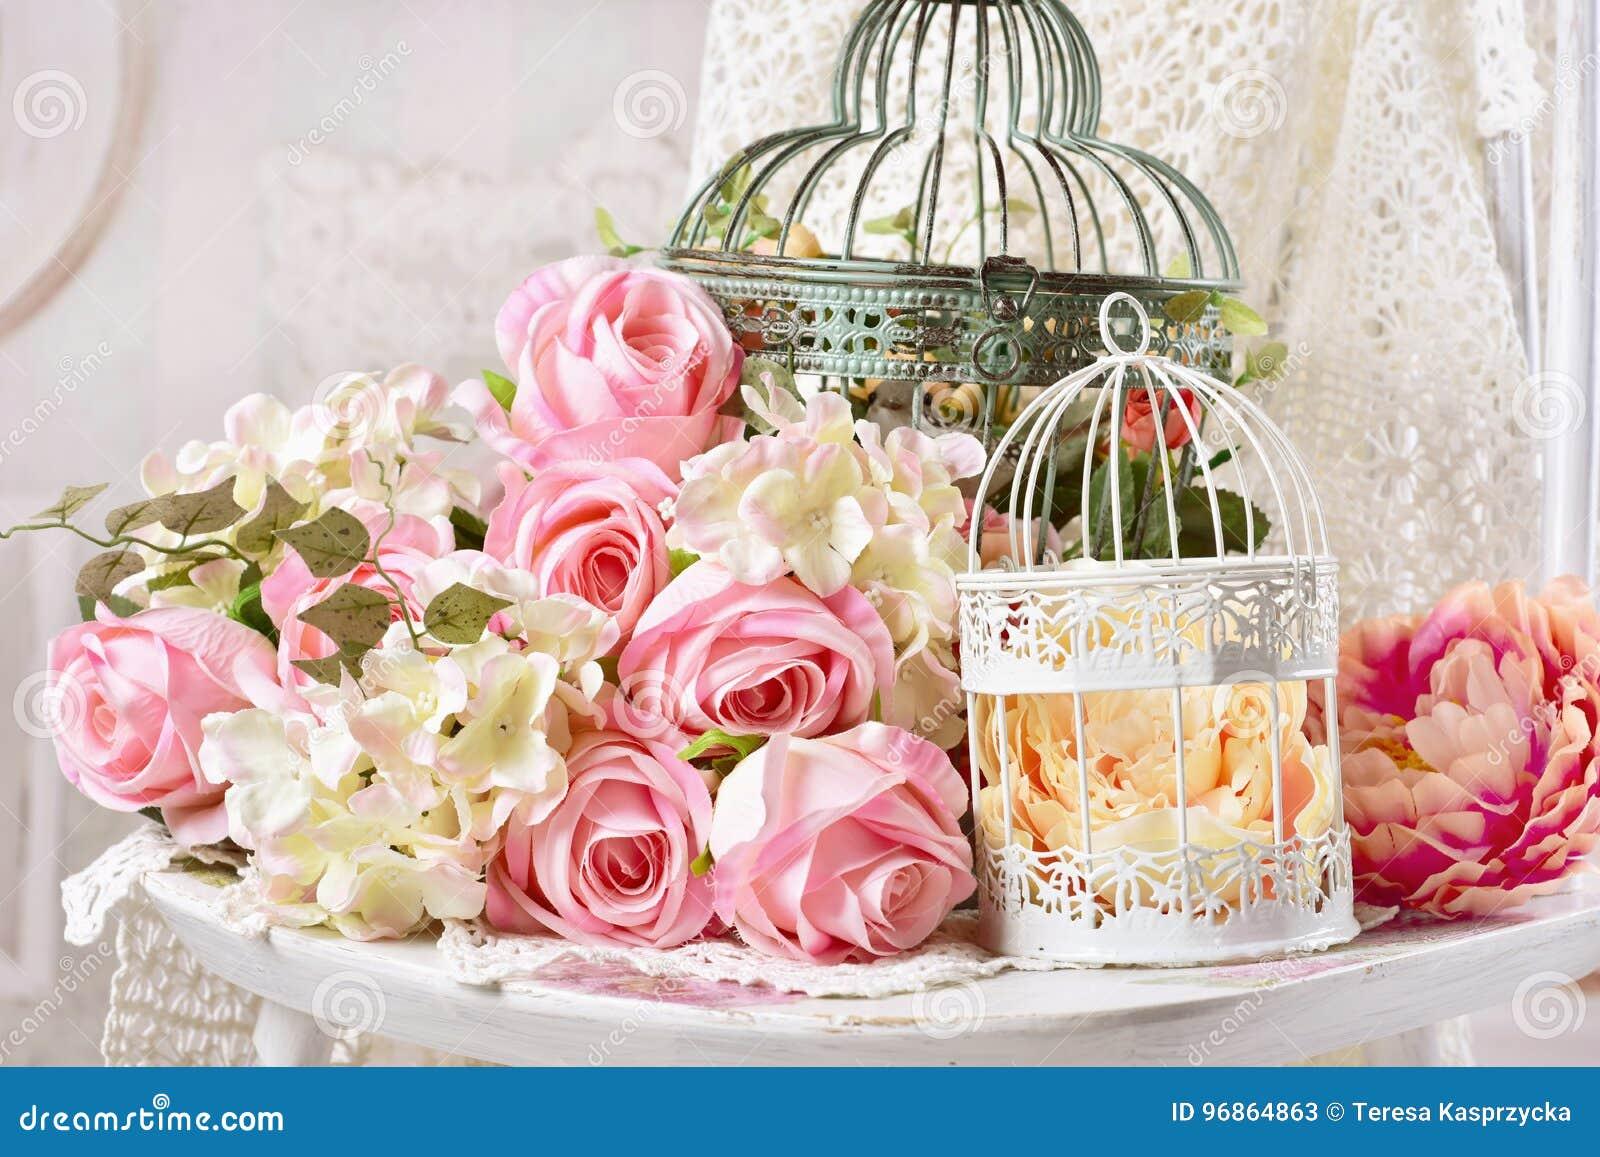 Decoração do estilo do vintage com as flores em gaiolas de pássaro velhas